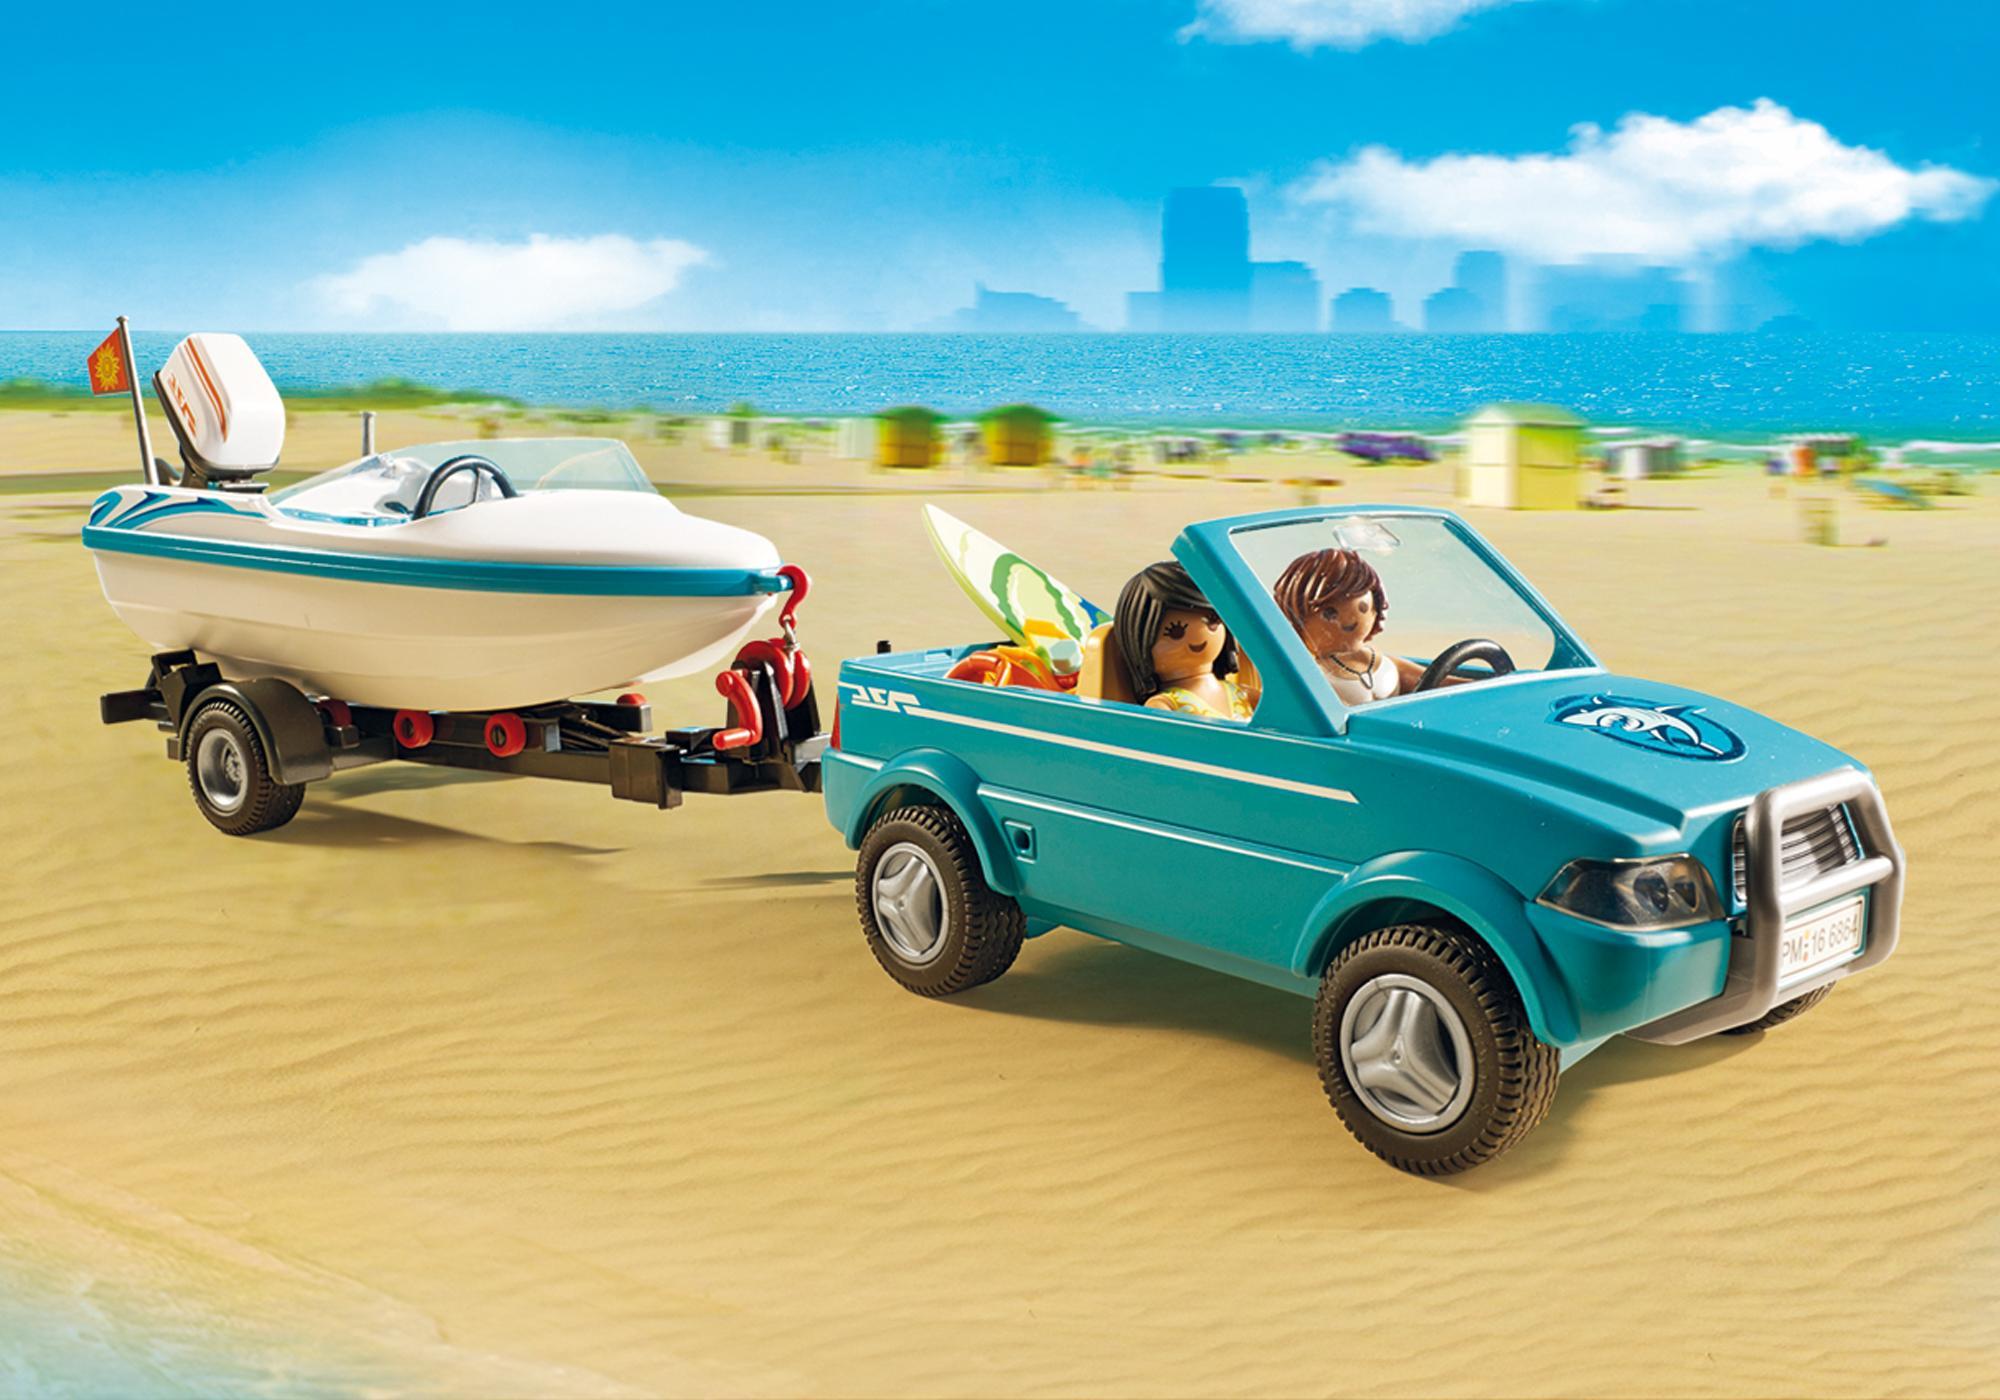 http://media.playmobil.com/i/playmobil/6864_product_extra4/Pickup med motorbåt med undervattenmotor